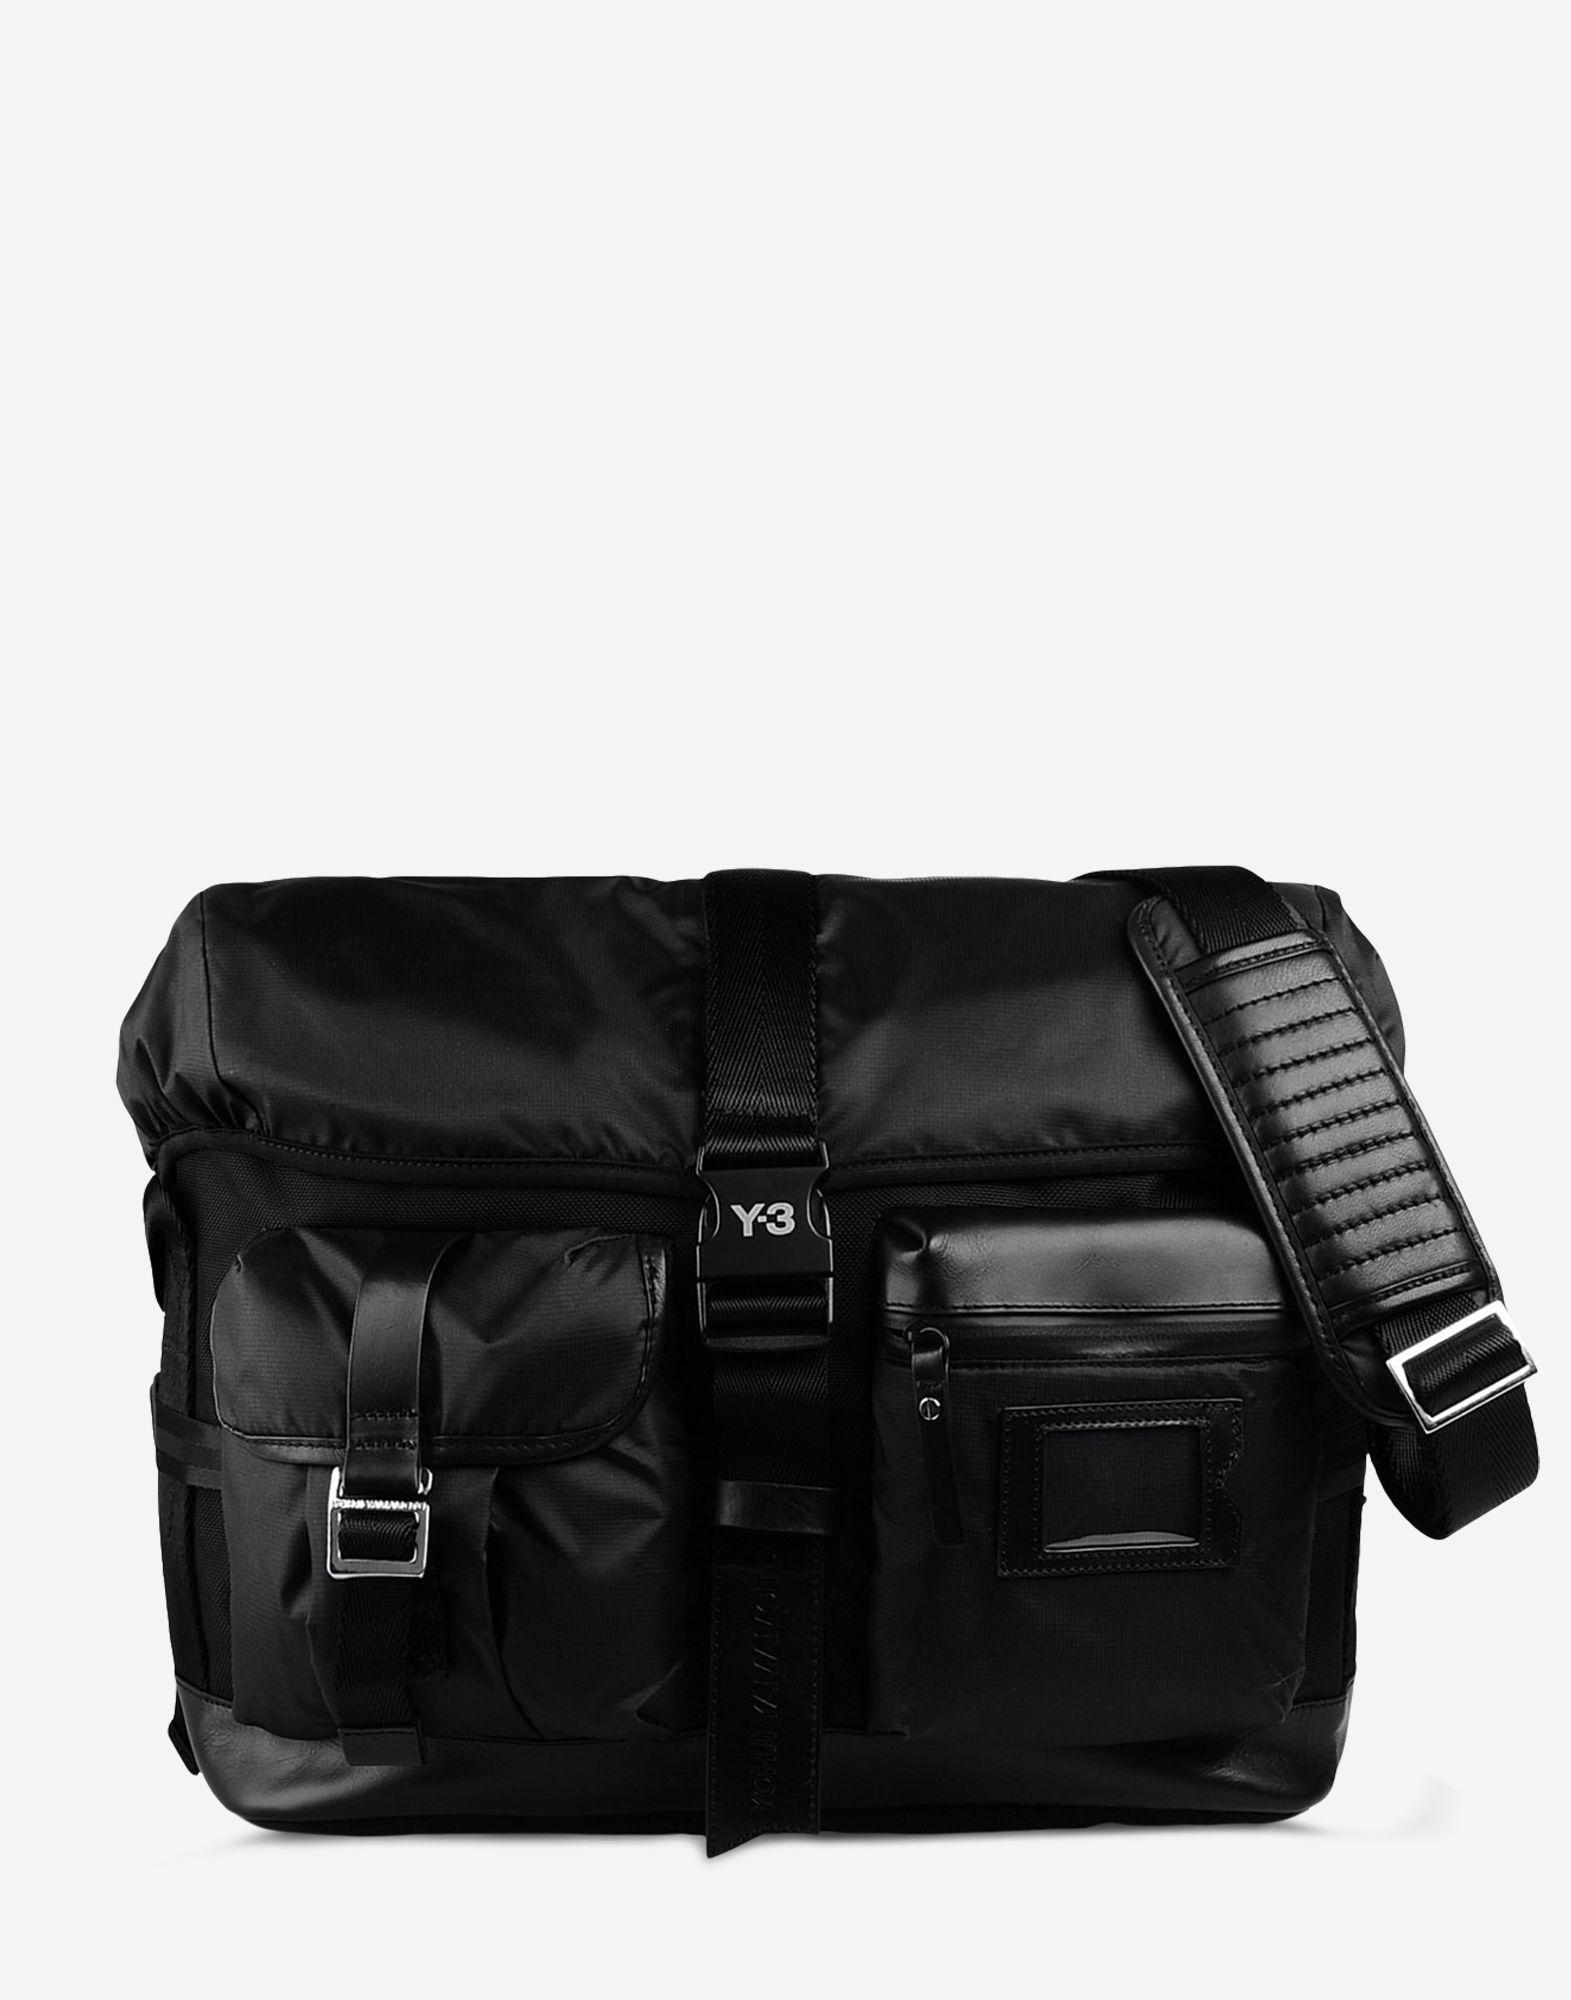 y handbags